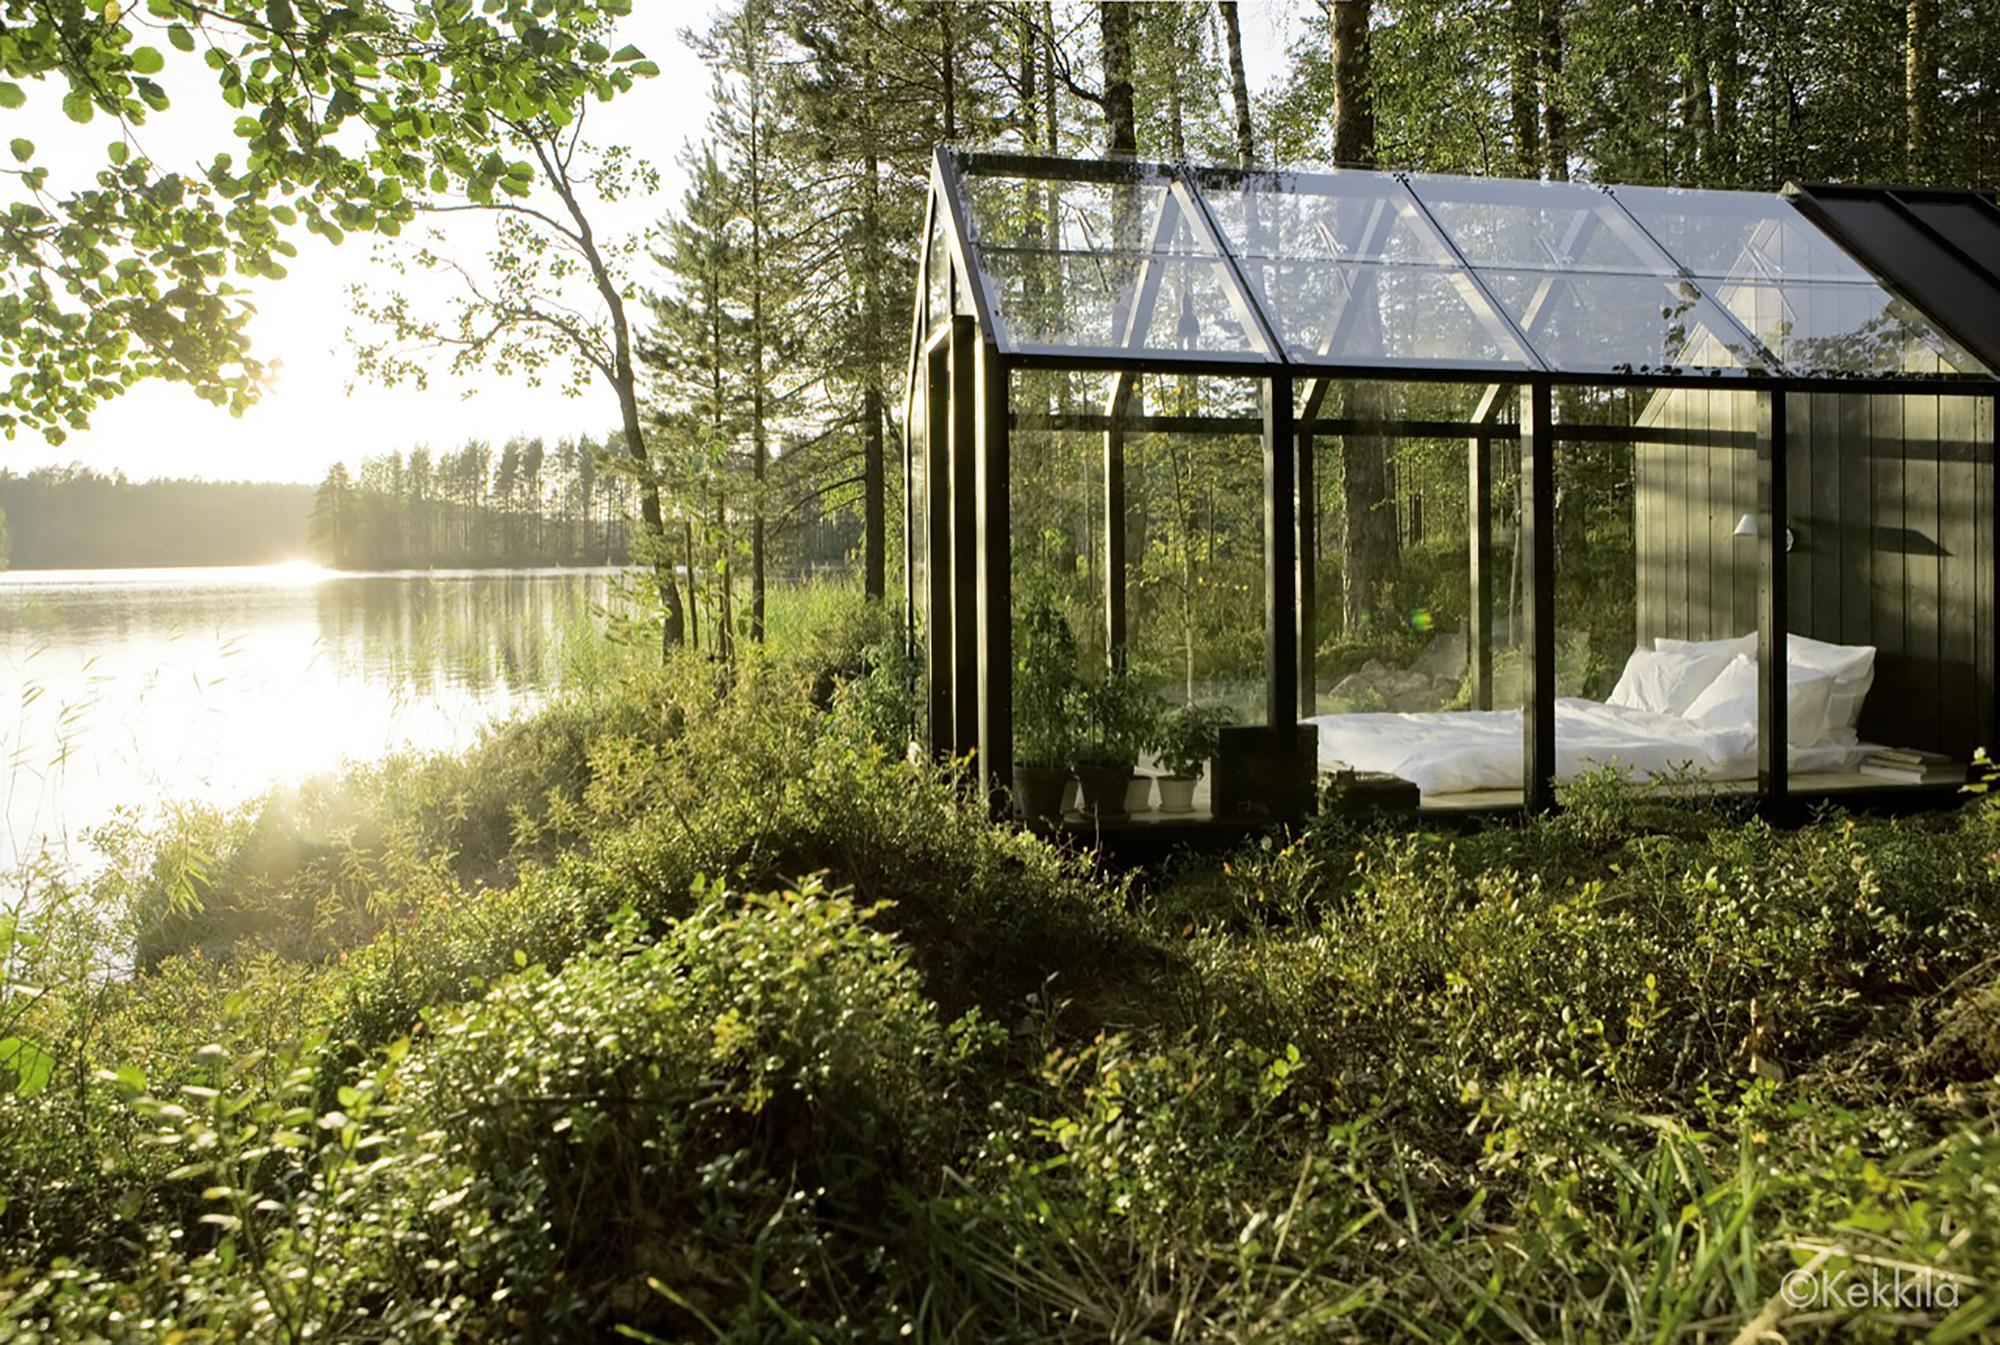 mini-house-inside-greenhouse-kekkila-shed-1.jpg